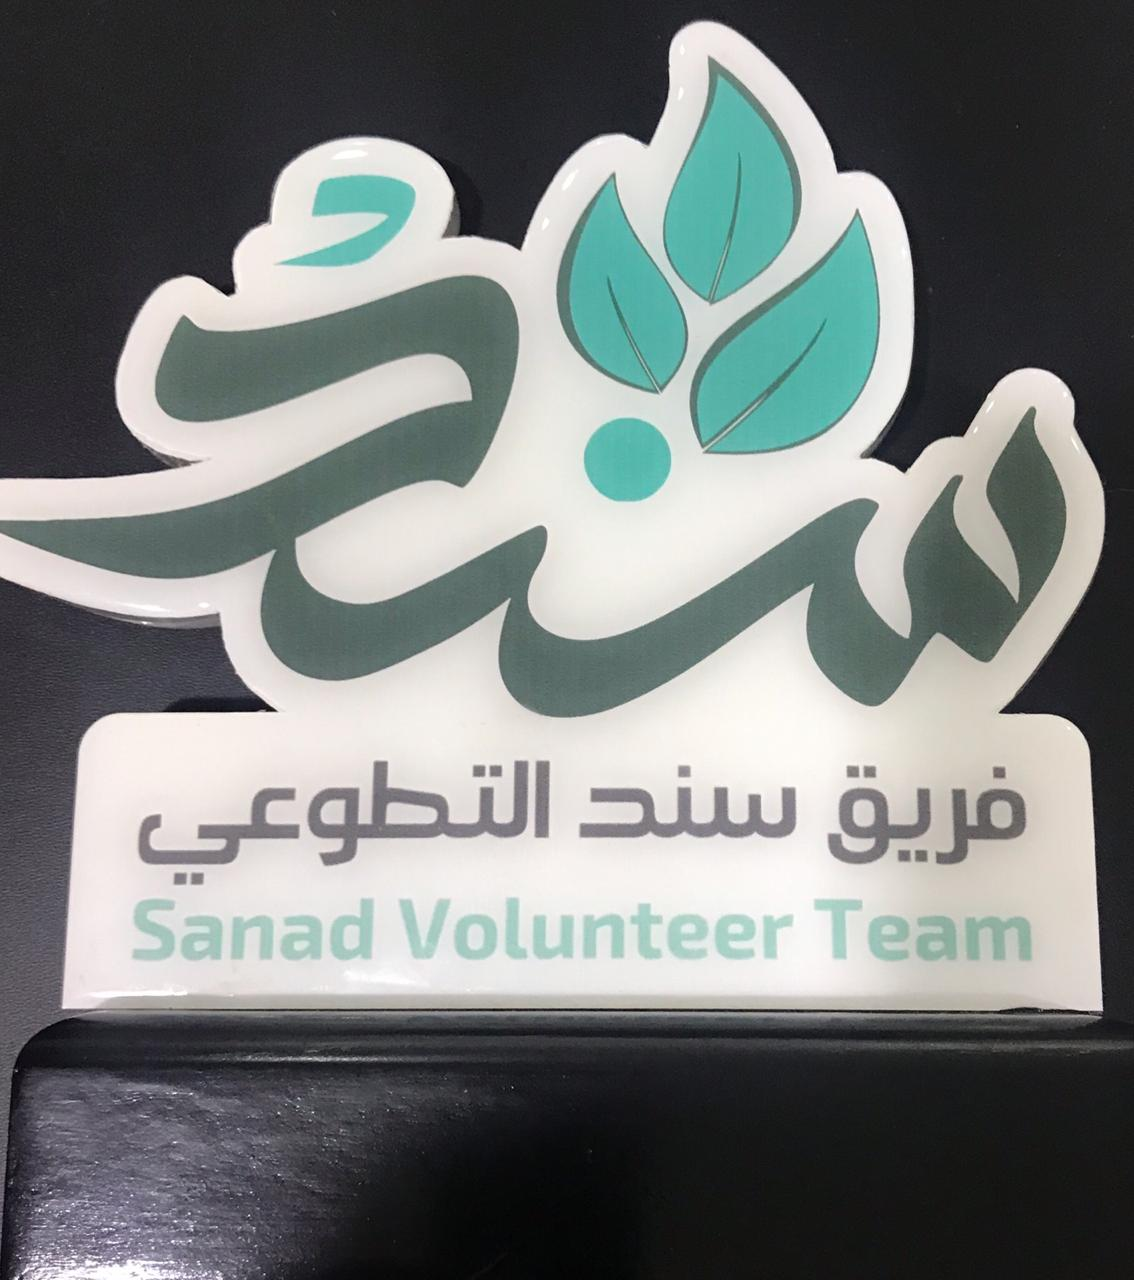 الجمعية تشارك في اليوم العالمي للتطوع